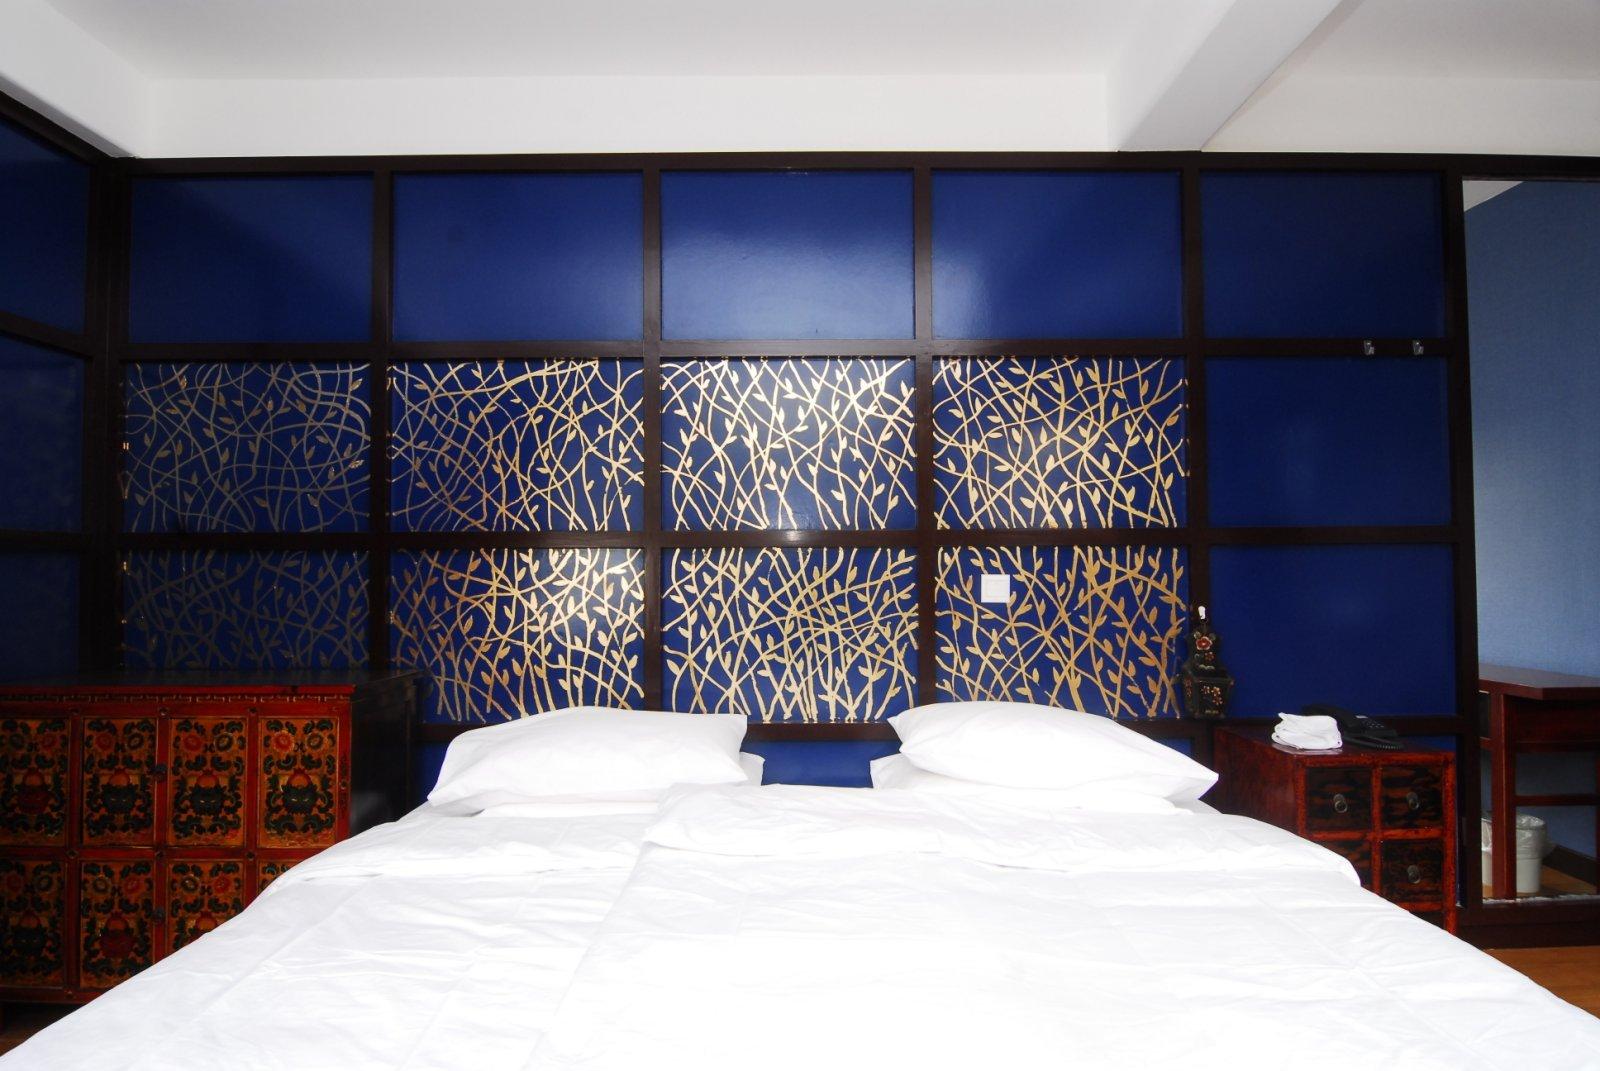 Zimmer im traditionell chinesischen Stil